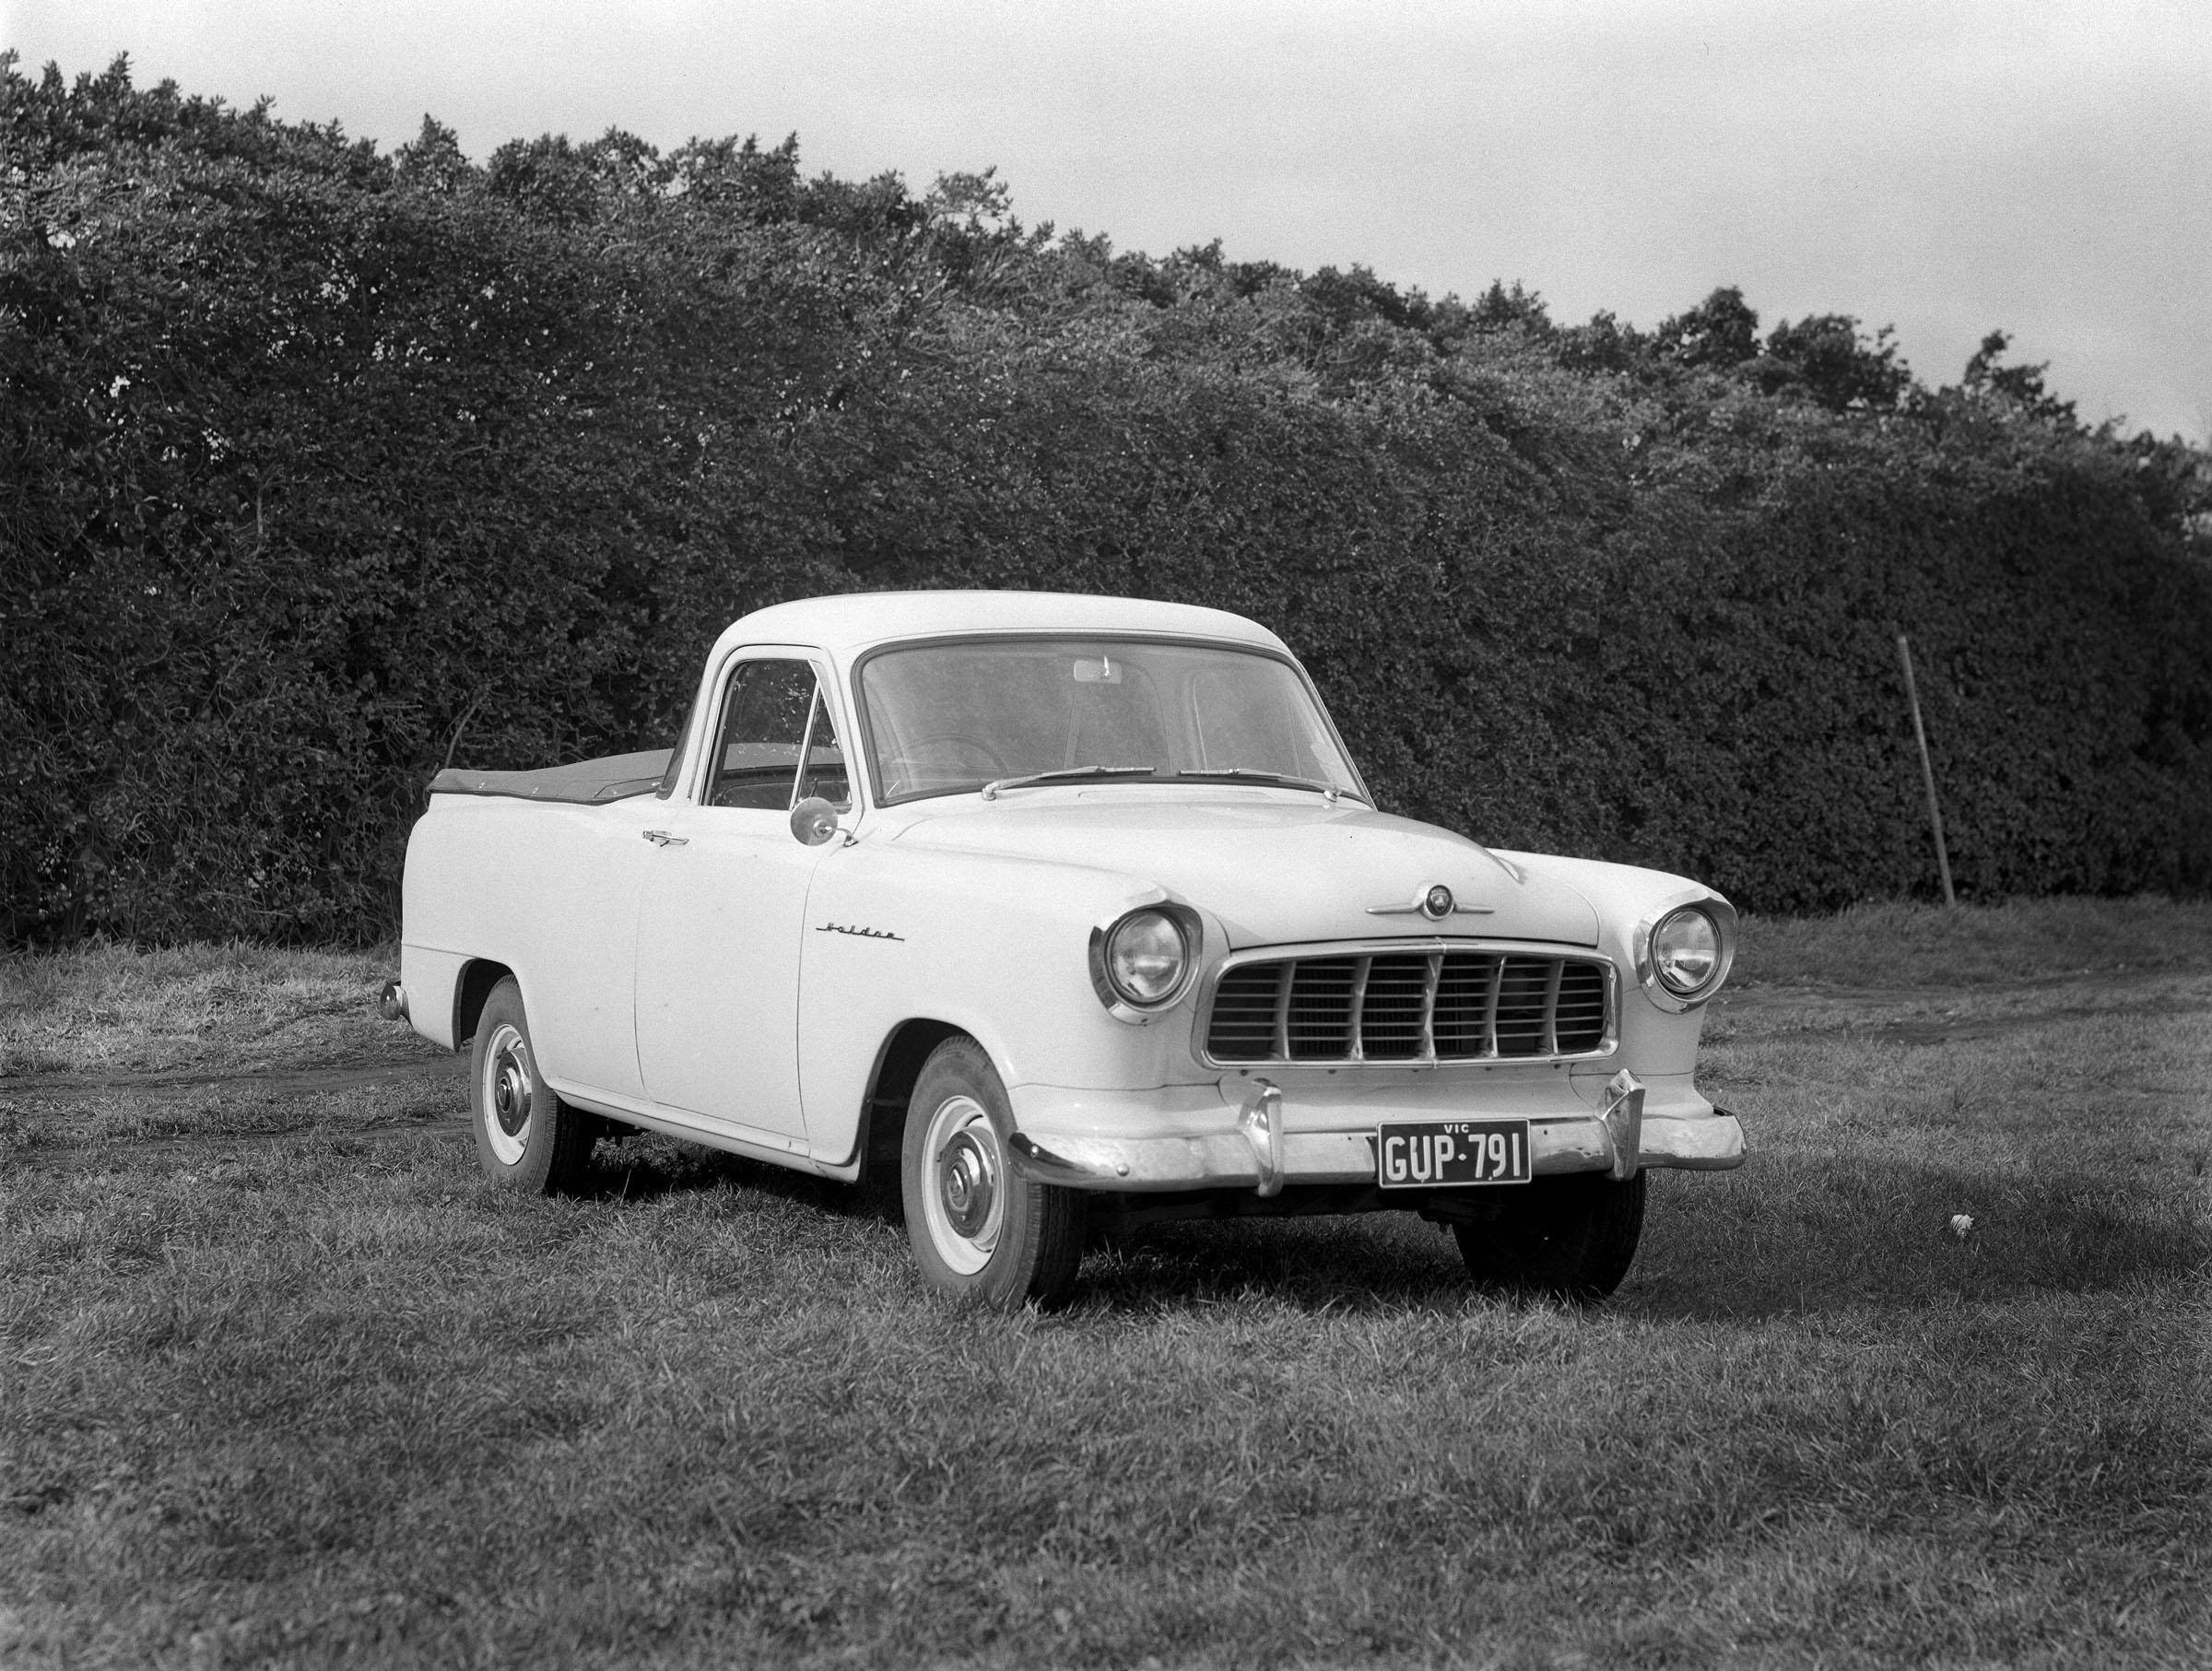 FE Holden Ute (1957-1958)